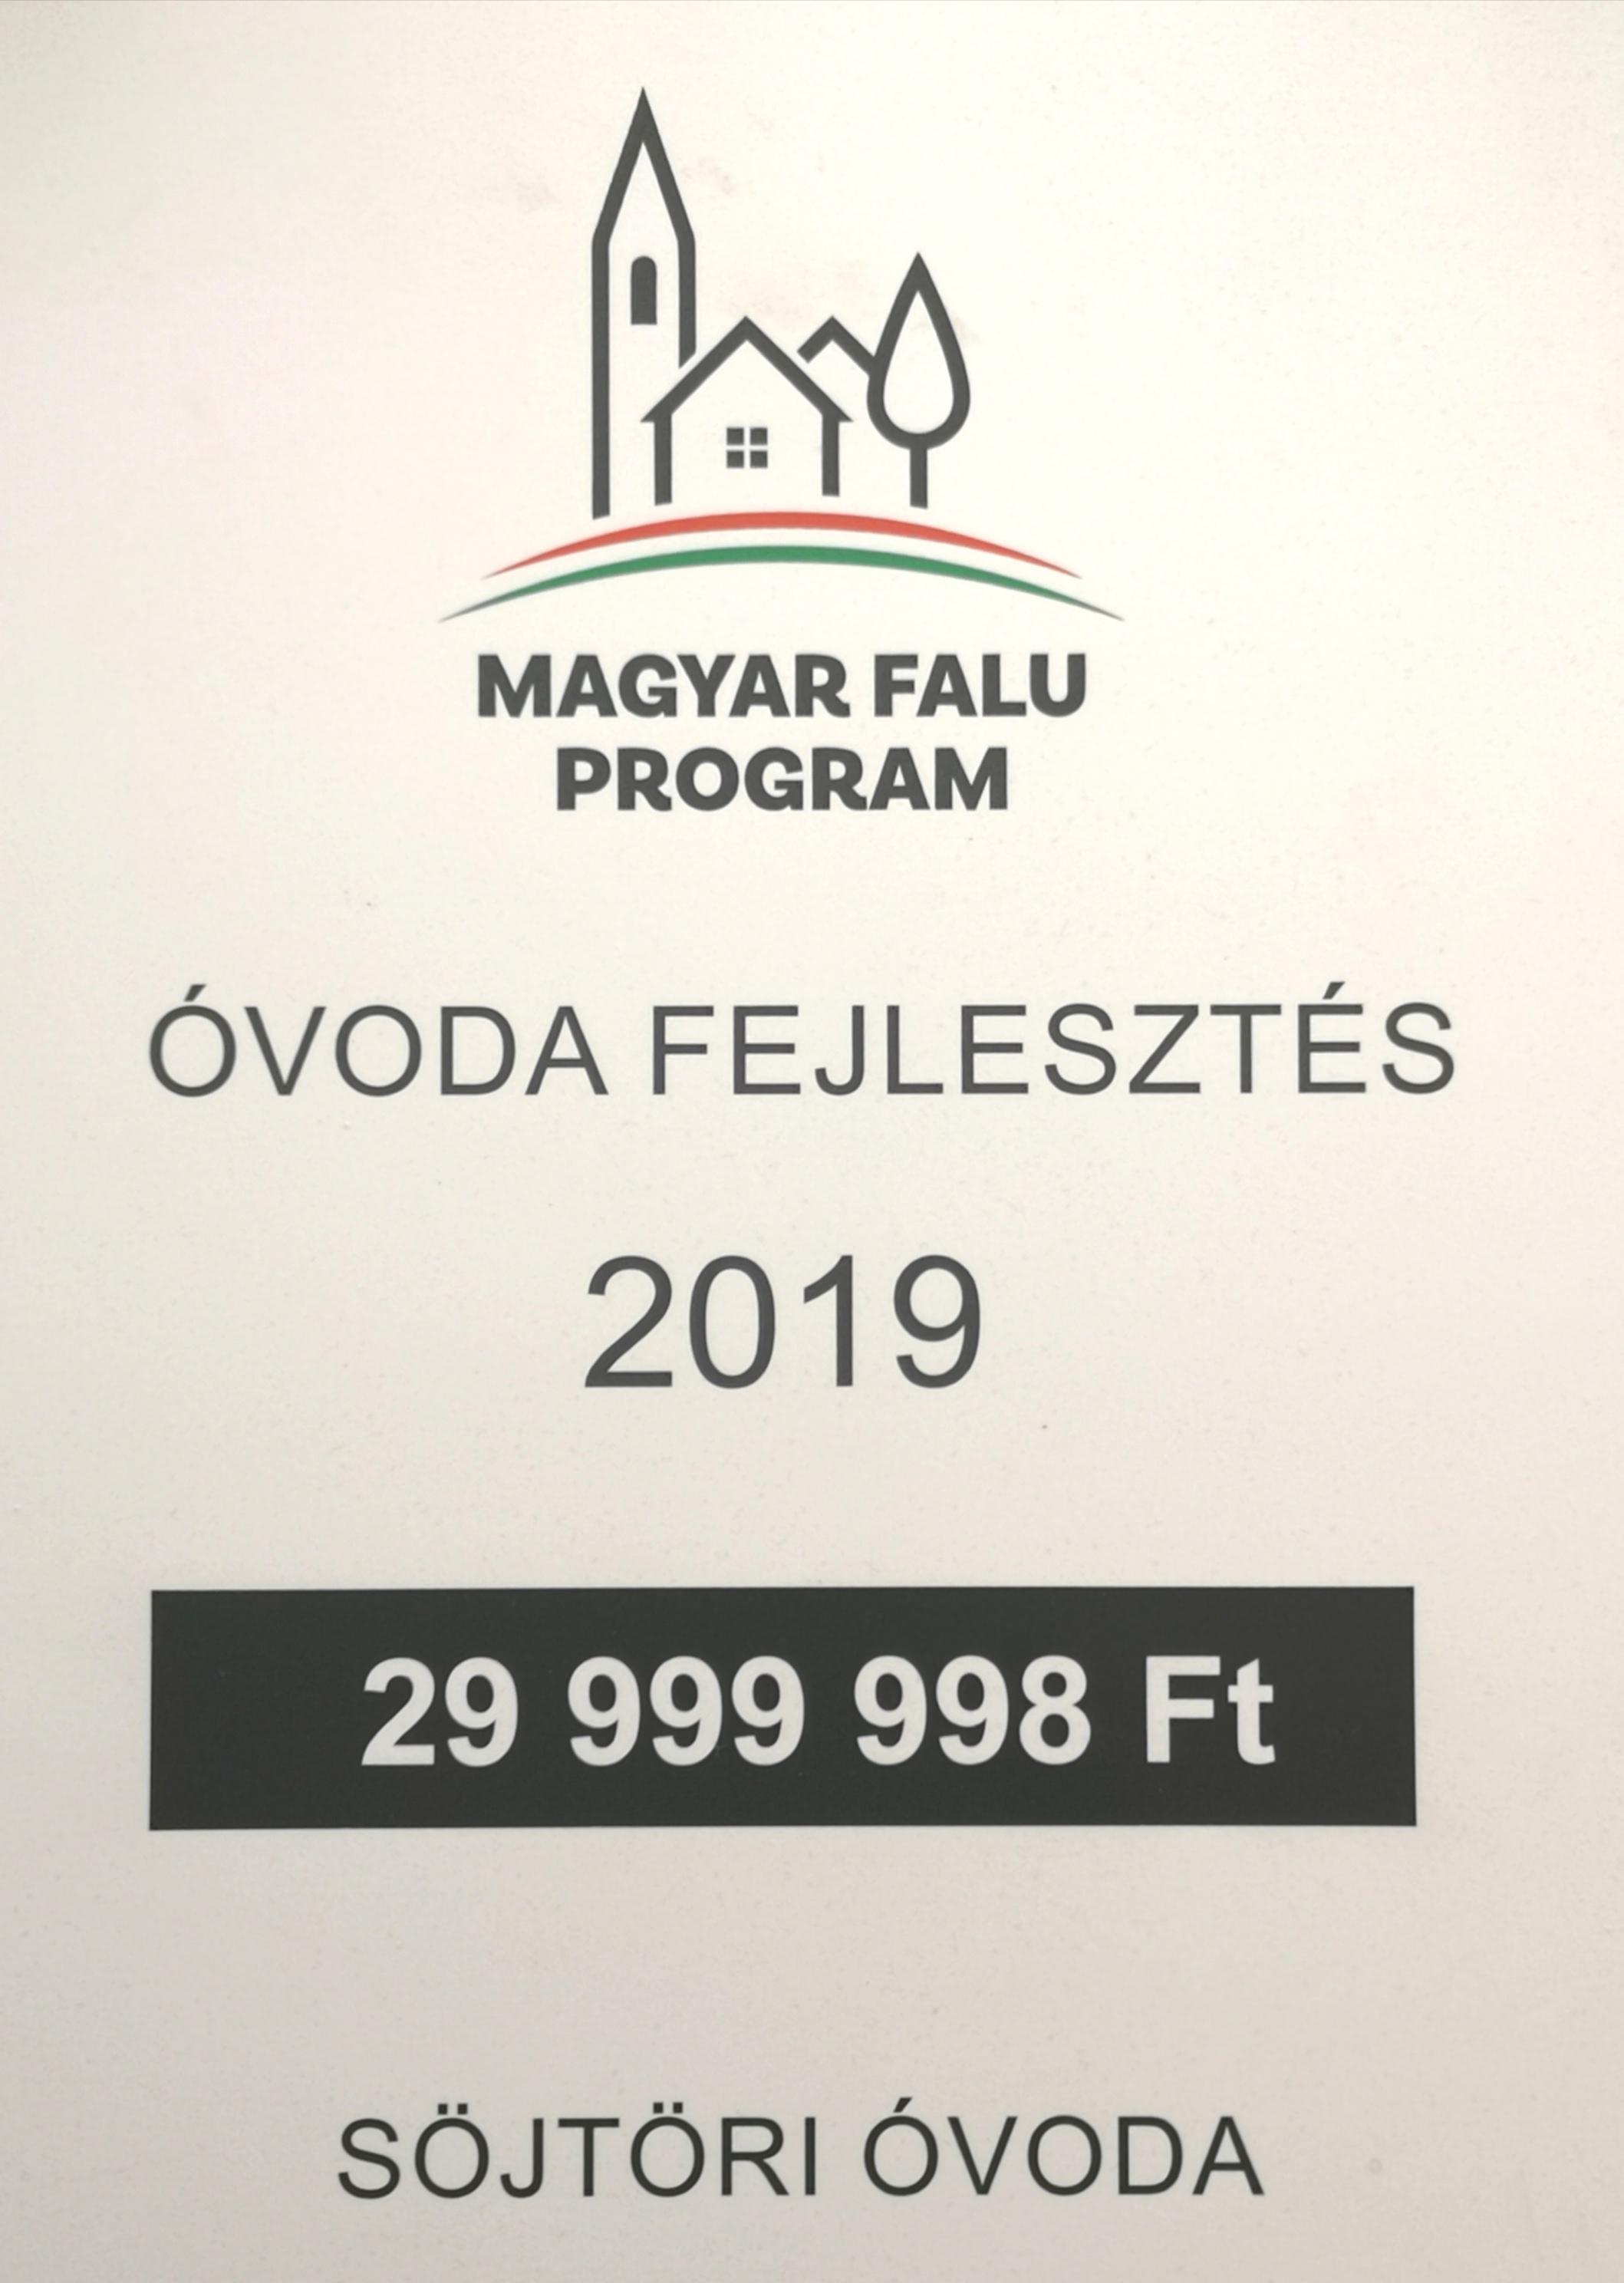 MAGYAR FALU PROGRAM SÖJTÖR ÓVODA FEJLESZTÉS 2019